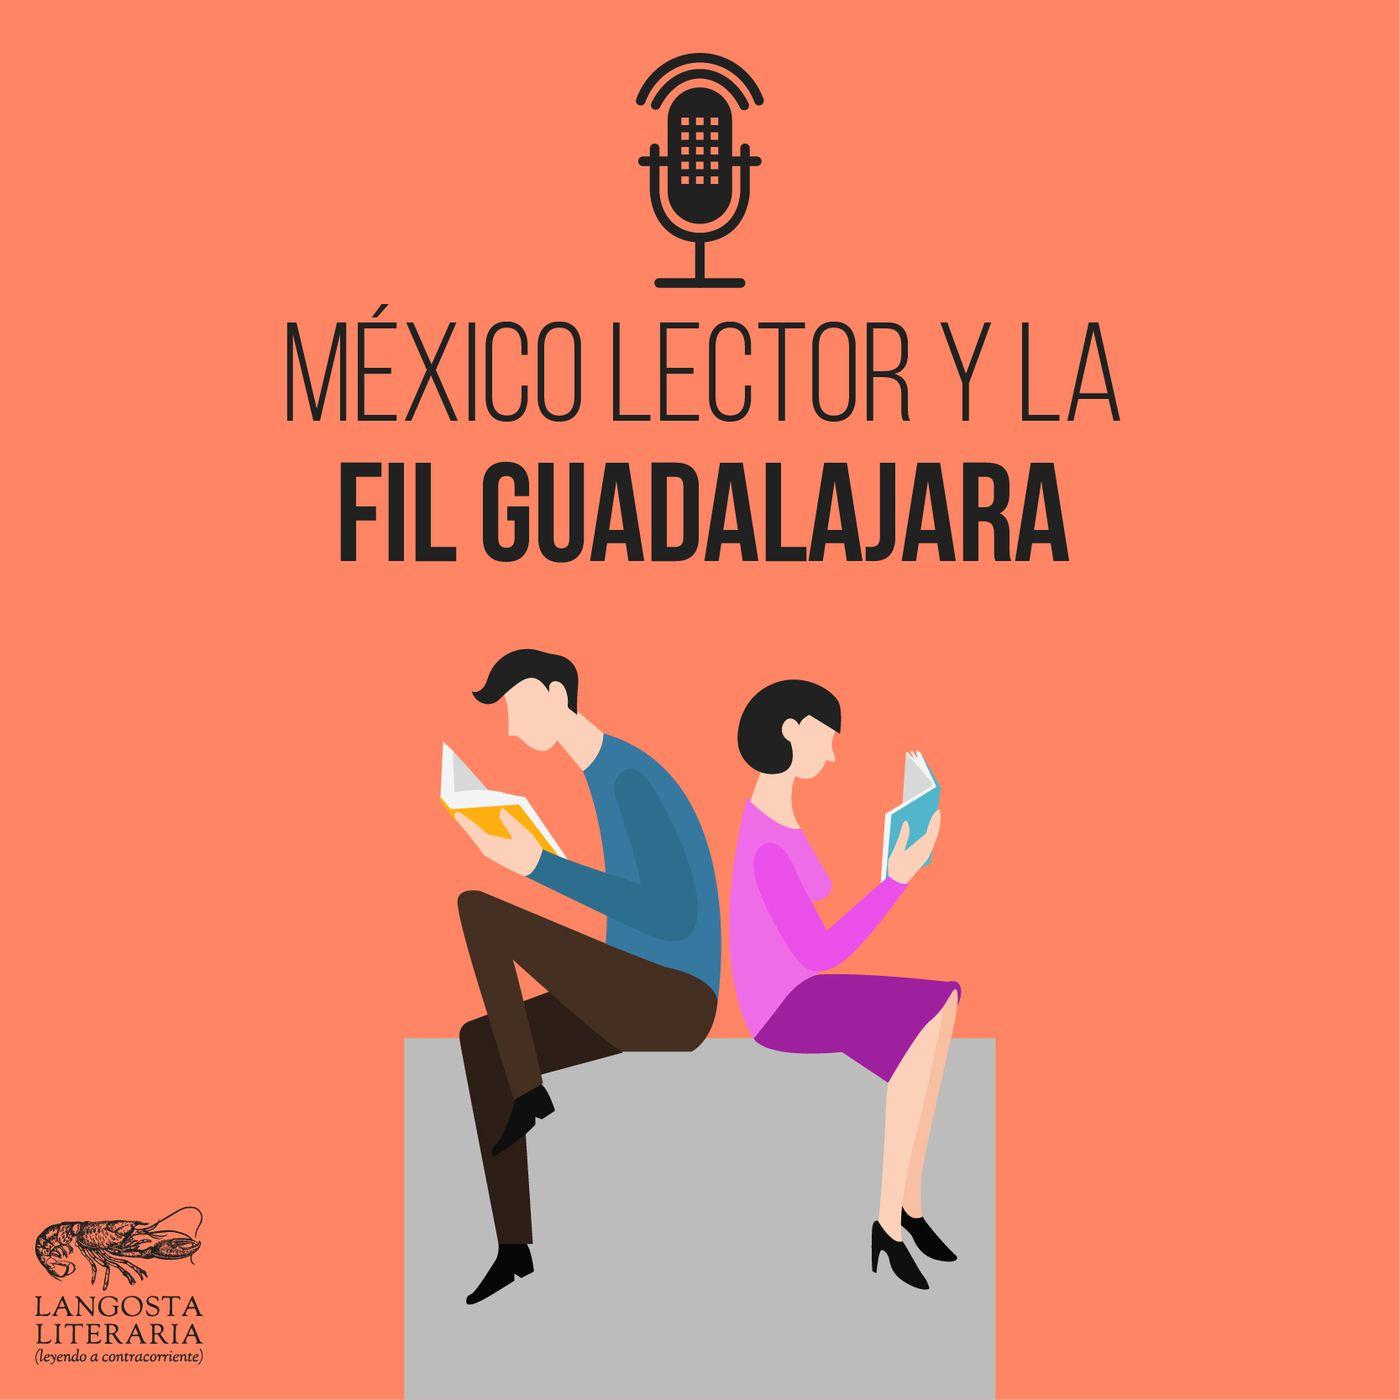 México Lector y la FIL Guadalajara